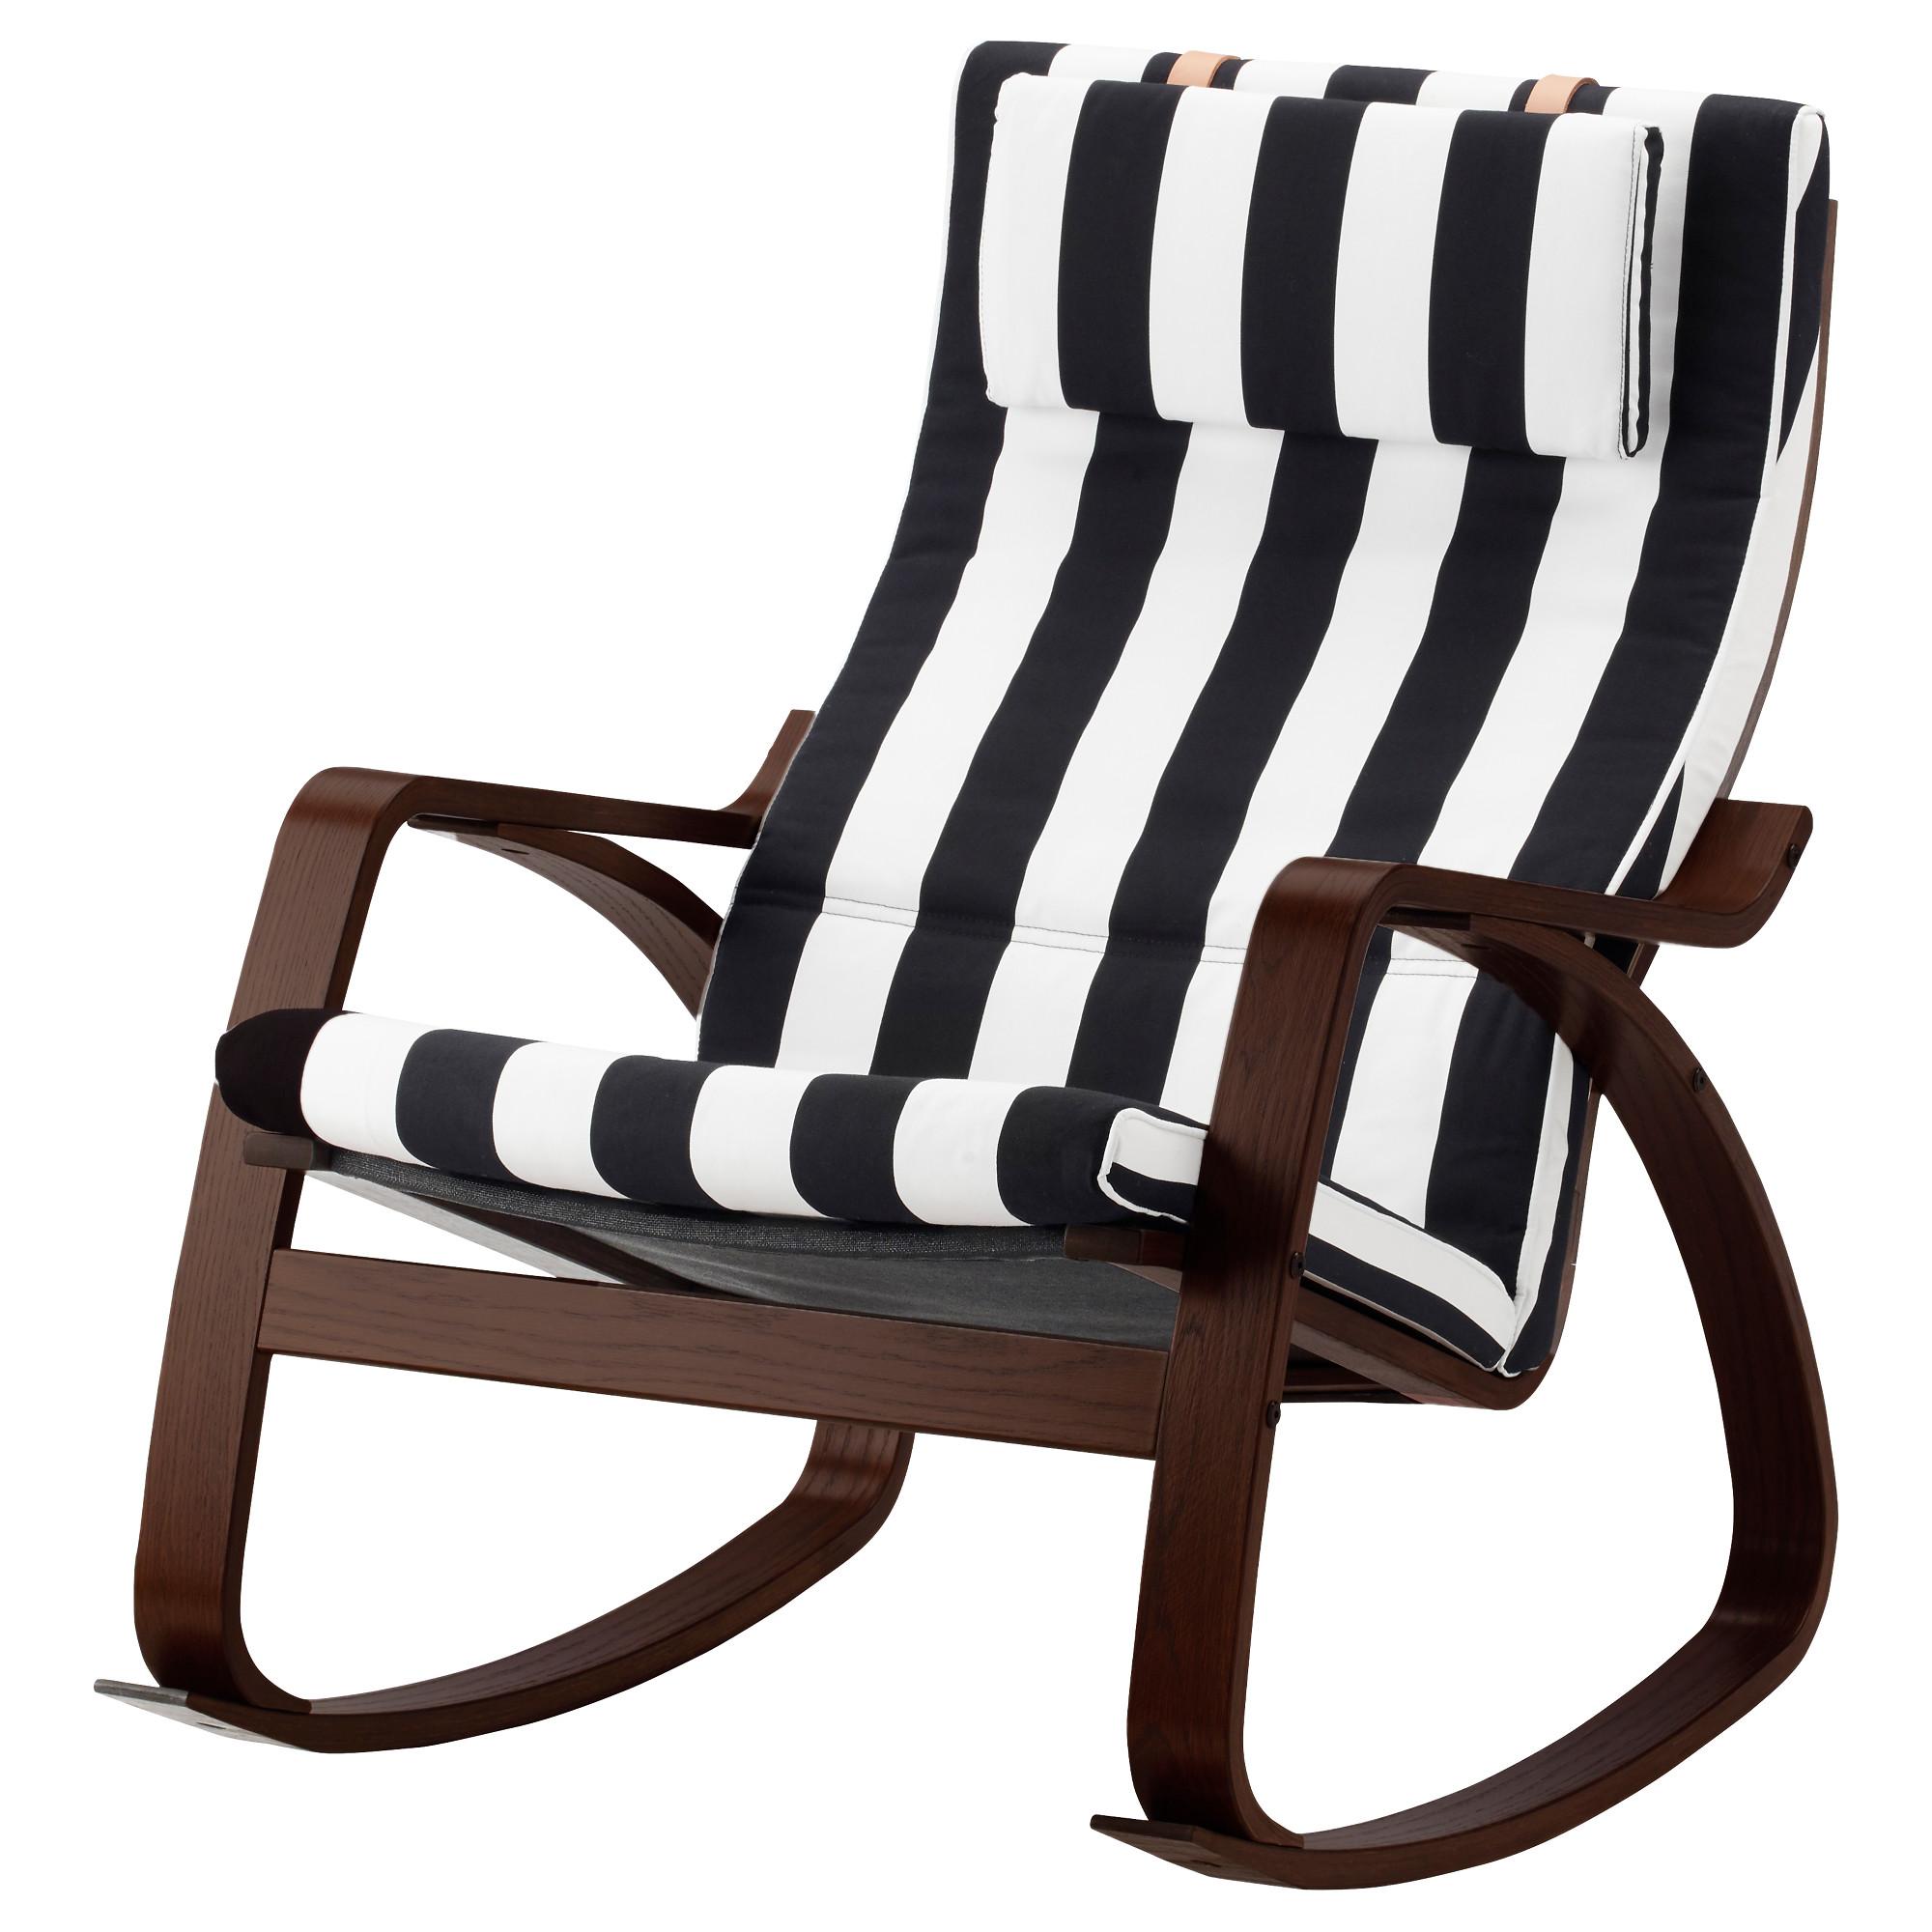 Кресло-качалка ПОЭНГ черный/белый артикуль № 792.515.66 в наличии. Интернет магазин ИКЕА Минск. Недорогая доставка и установка.